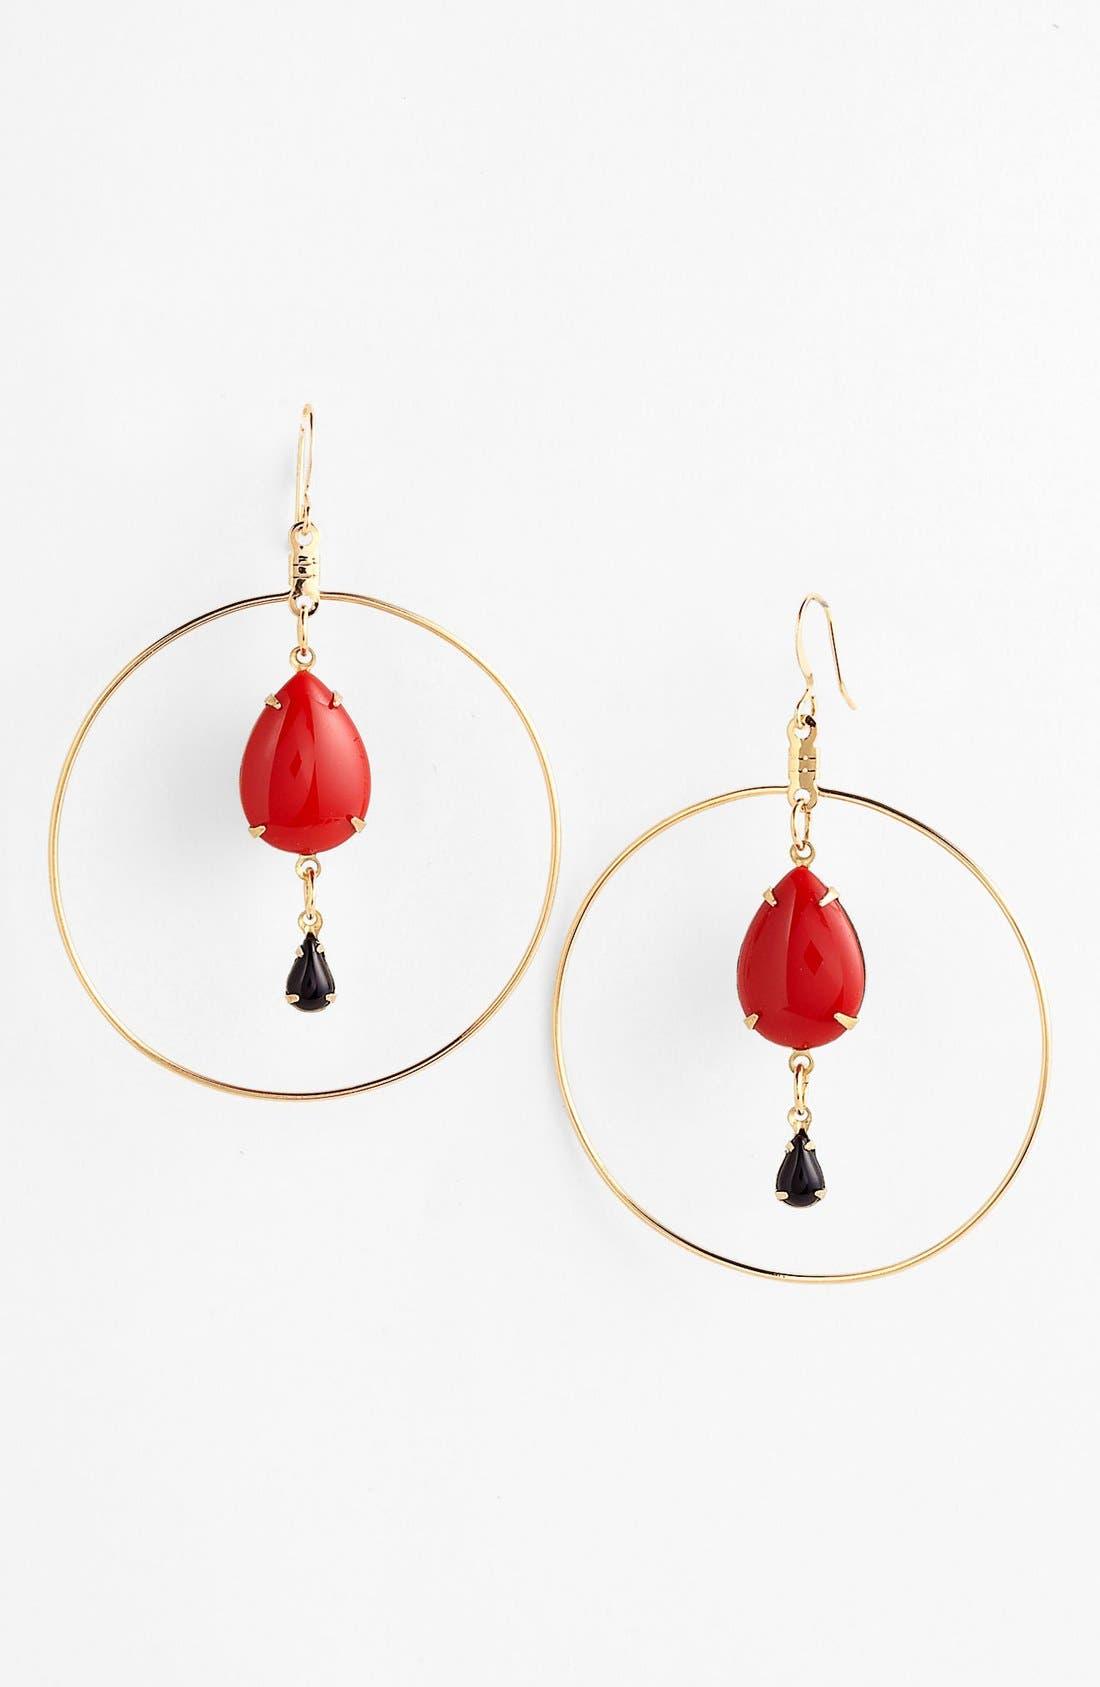 Main Image - Verdier Jewelry 'Caliente' Hoop Earrings